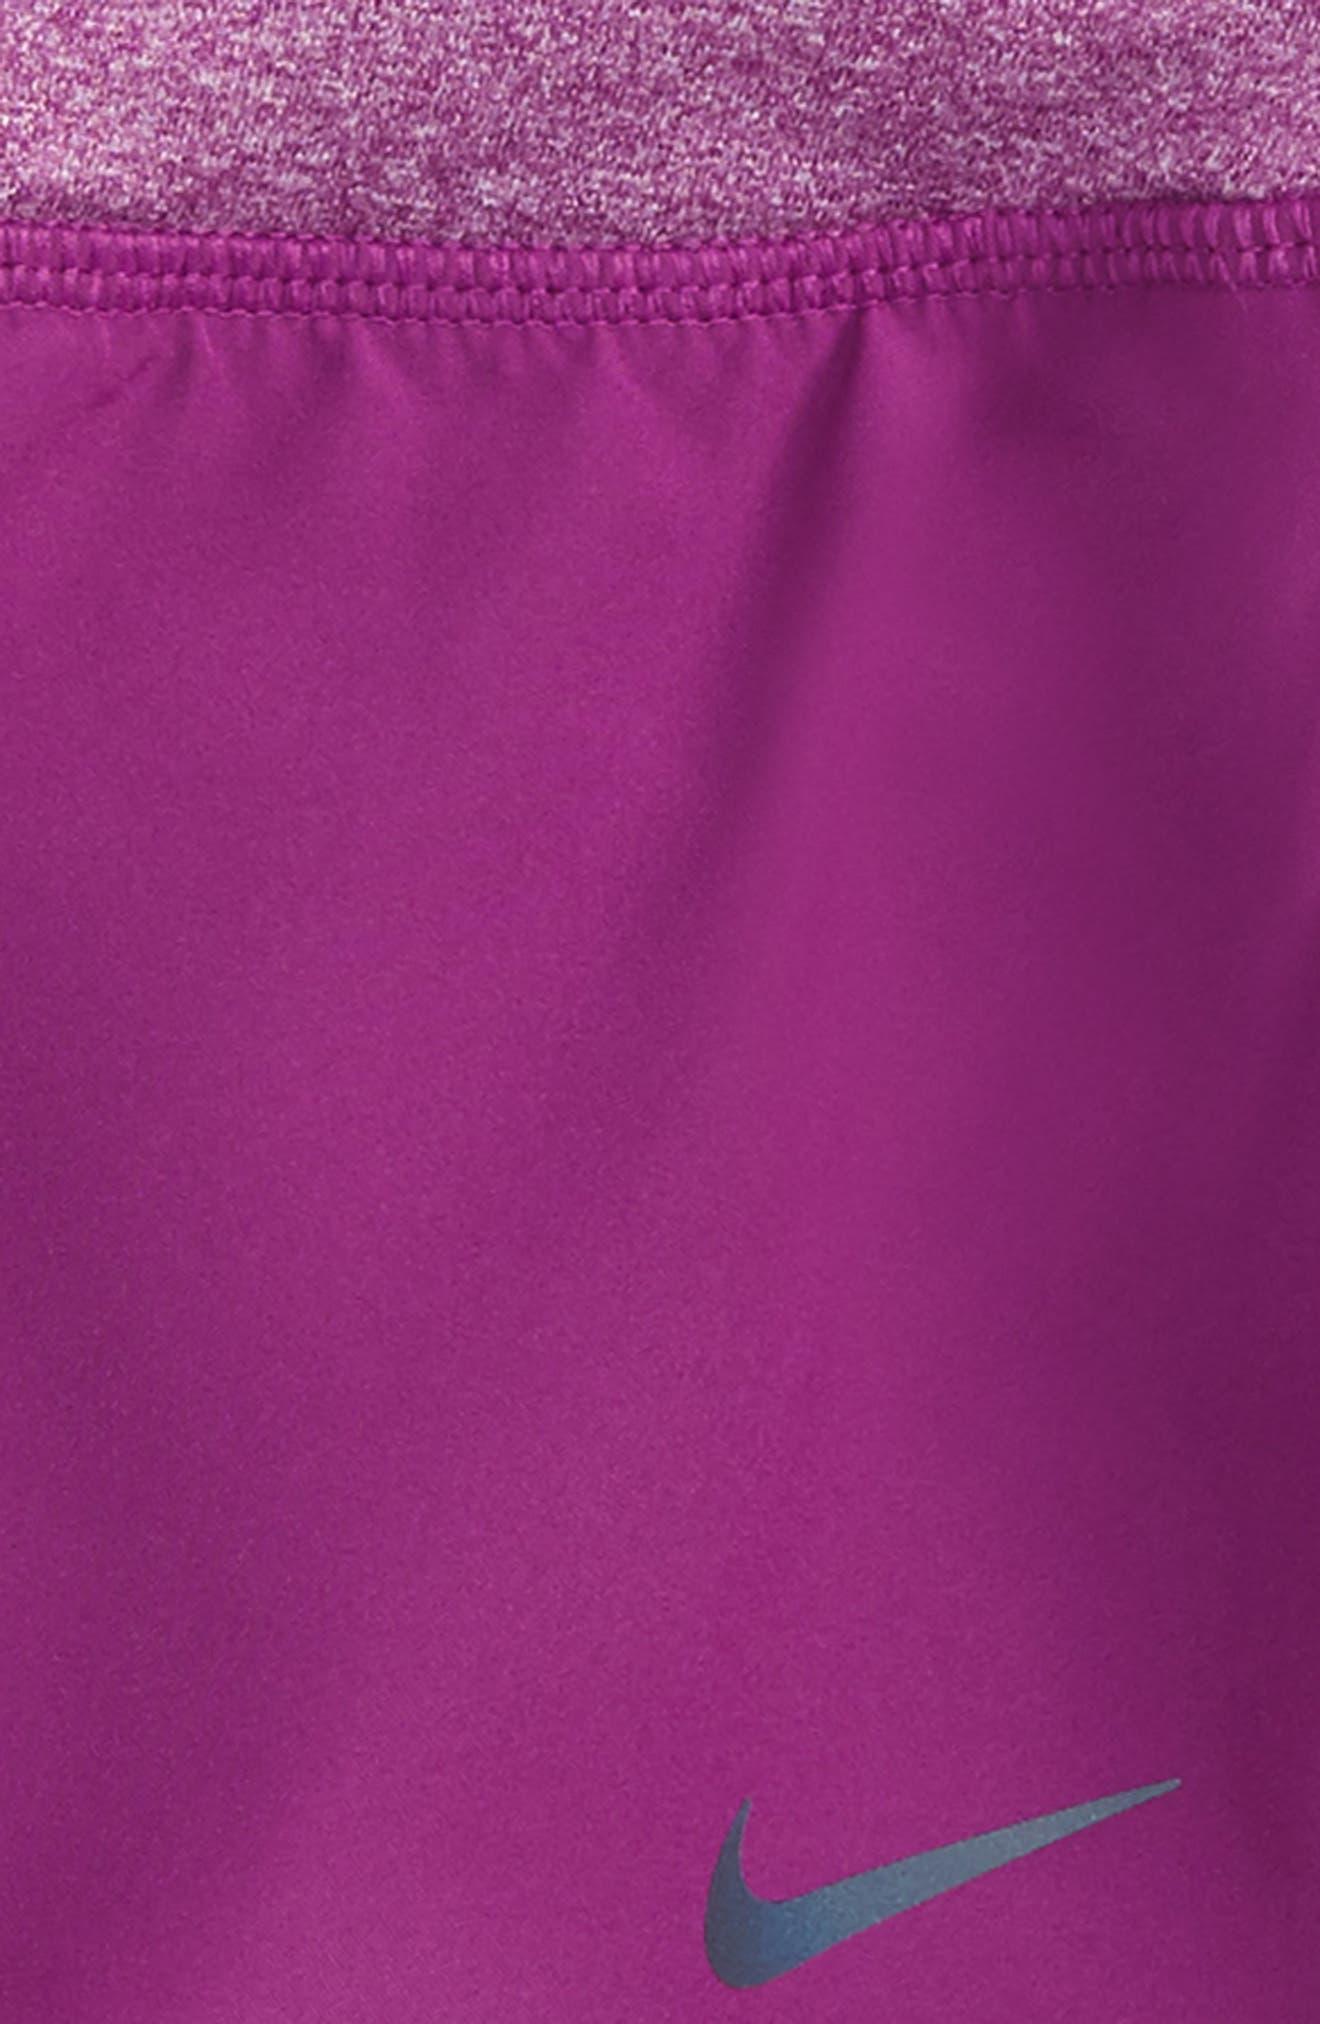 'Rival' Dri-FIT Shorts,                             Alternate thumbnail 2, color,                             550